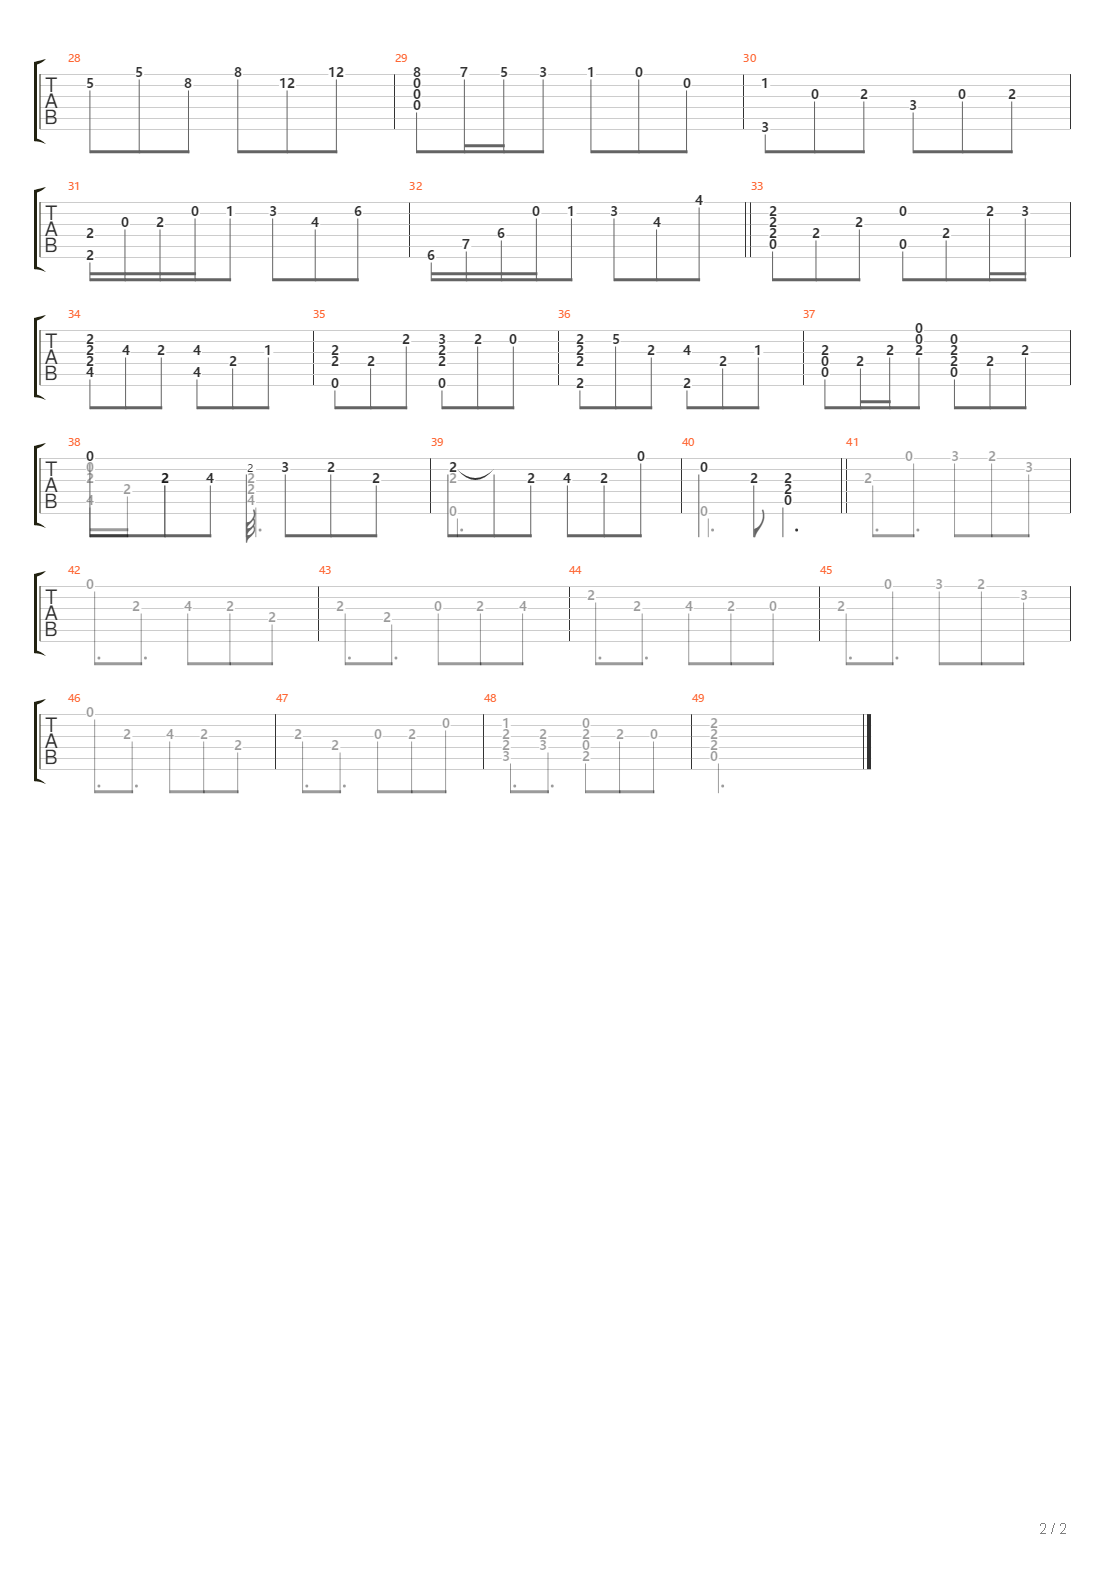 悠久的蒸汽机关(悠久の蒸気機関)吉他谱